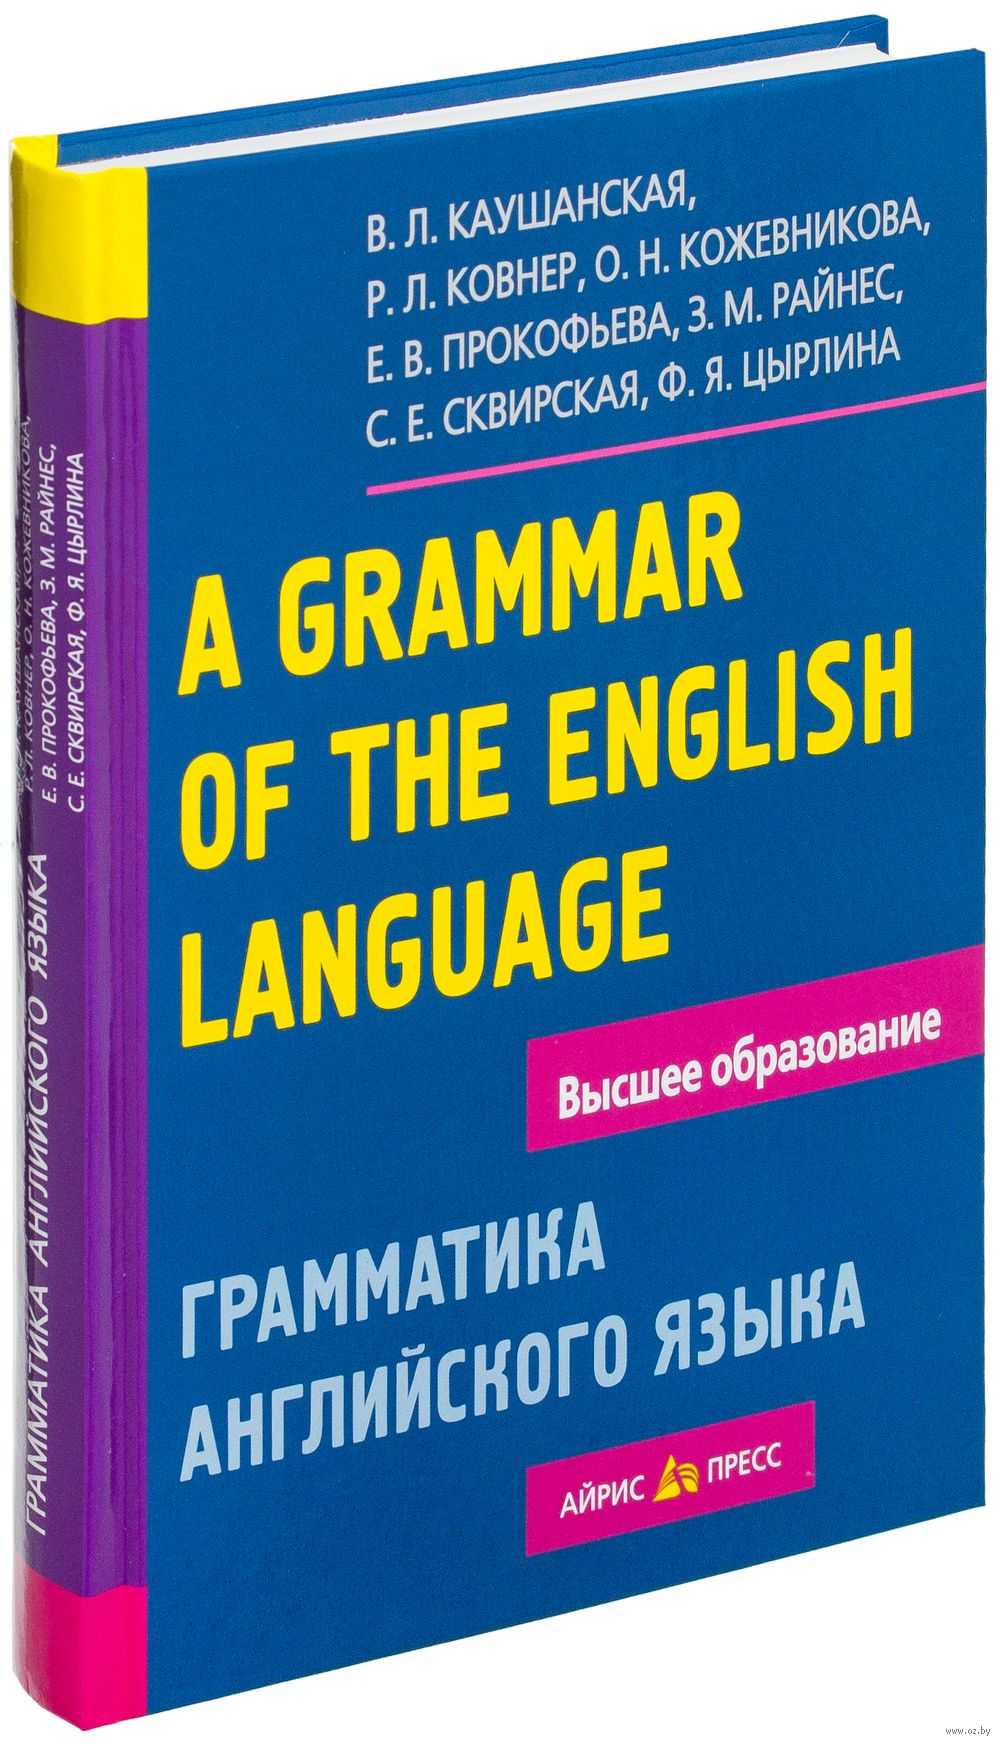 Скачать книгу грамматика английского языка каушанская